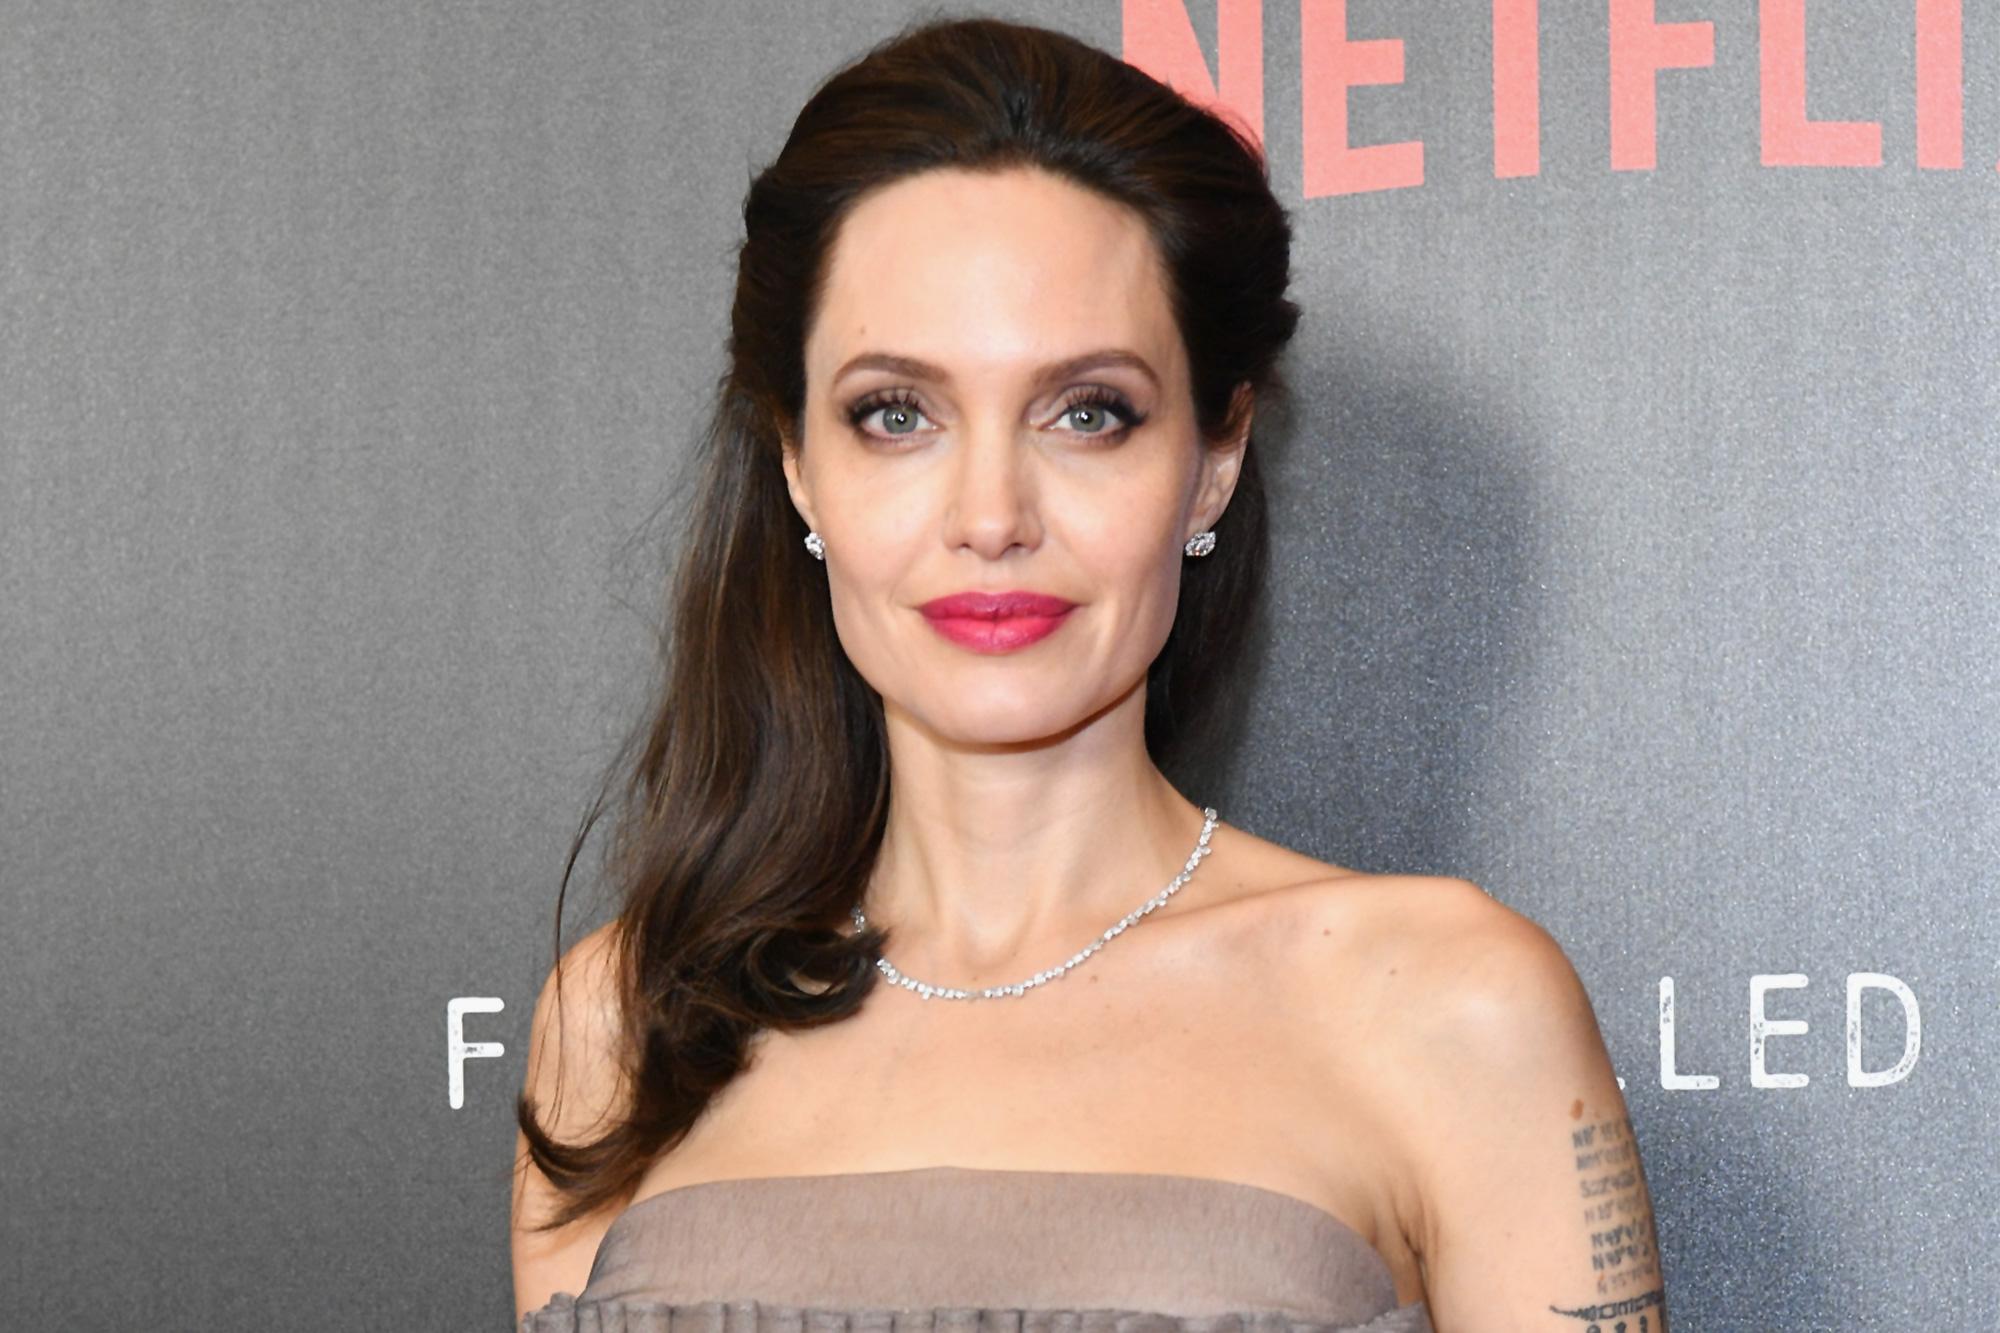 Angelina Jolie Instagram debut